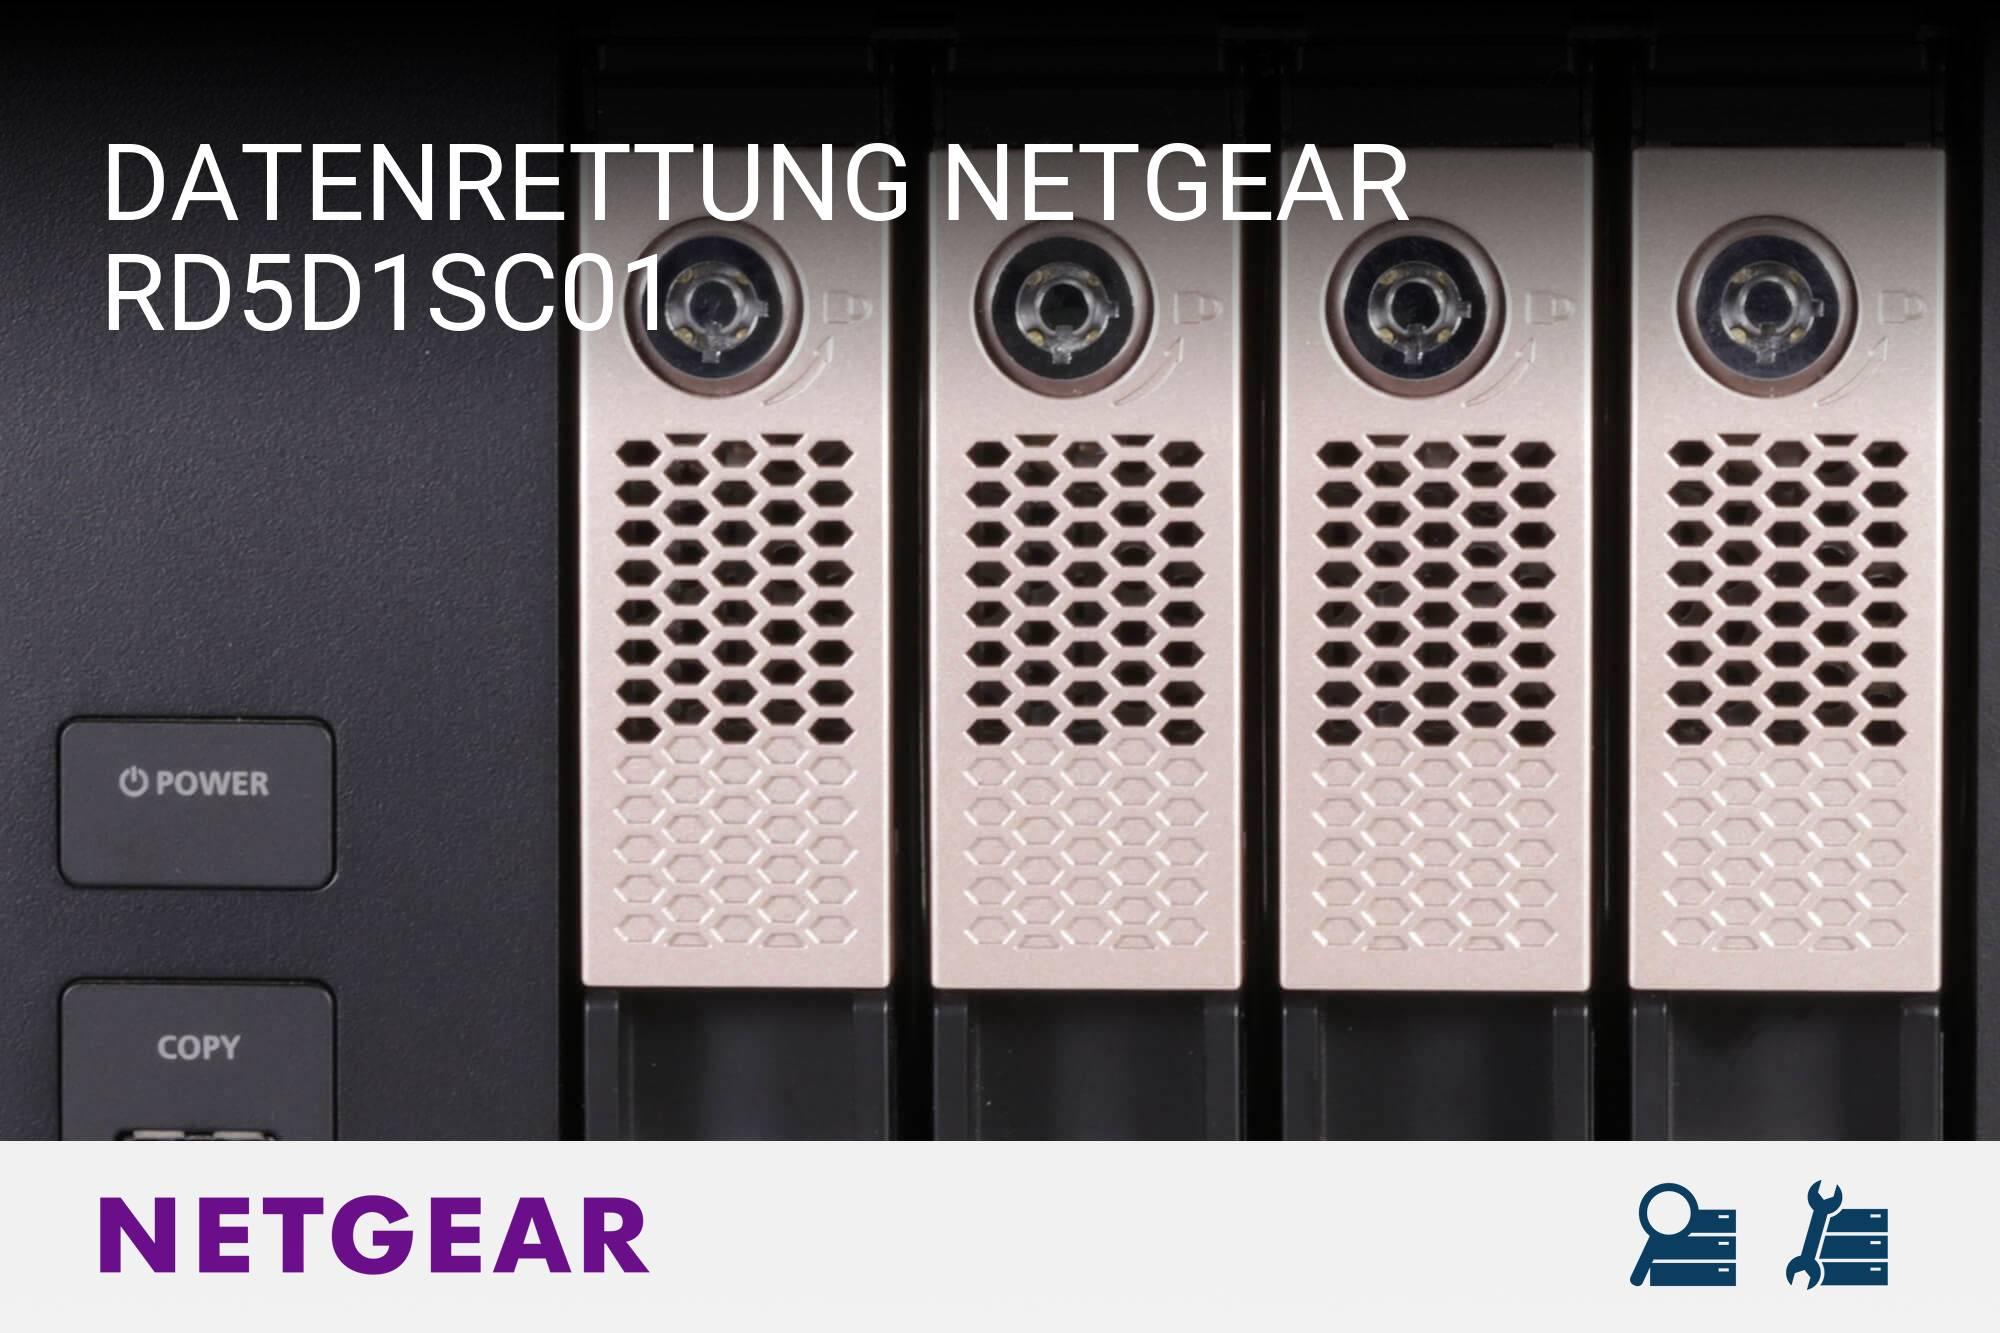 Netgear RD5D1SC01